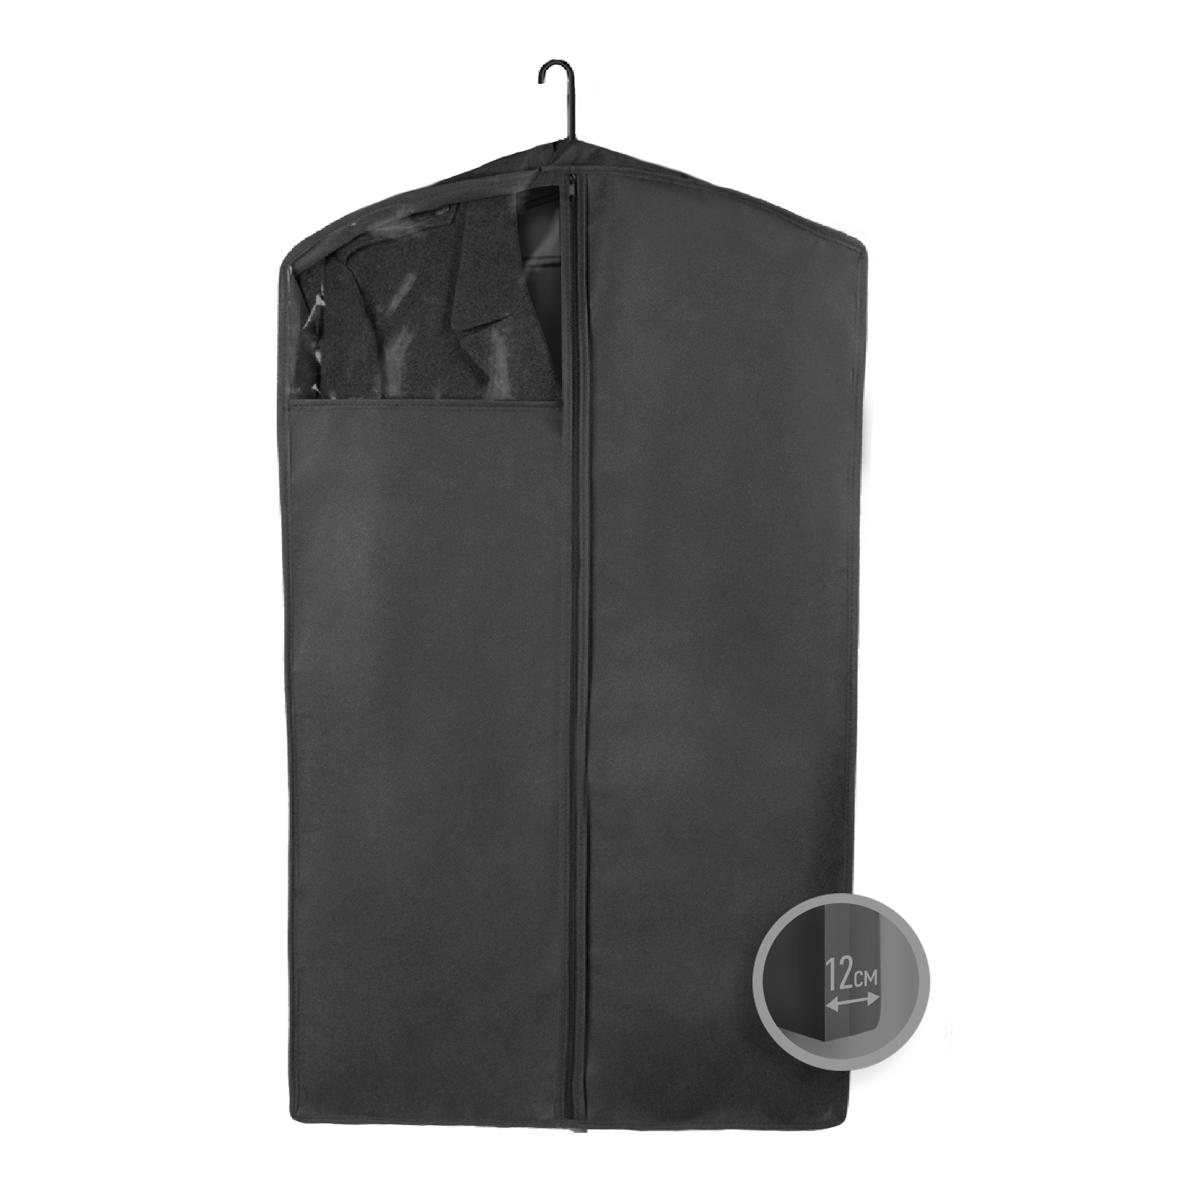 Чехол для верхней одежды Miolla, с окошком, цвет: черный, 100 х 60 х 12 смCHL-3-4Чехол для верхней одежды Miolla на застежке-молнии выполнен из высококачественного нетканого материала. Прозрачное полиэтиленовое окошко позволяет видеть содержимое чехла. Подходит для длительного хранения вещей.Чехол обеспечивает вашей одежде надежную защиту от влажности, повреждений и грязи при транспортировке, от запыления при хранении и проникновения моли. Чехол обладает водоотталкивающими свойствами, а также позволяет воздуху свободно поступать внутрь вещей, обеспечивая их кондиционирование. Это особенно важно при хранении кожаных и меховых изделий.Размер чехла: 100 х 60 х 12 см.